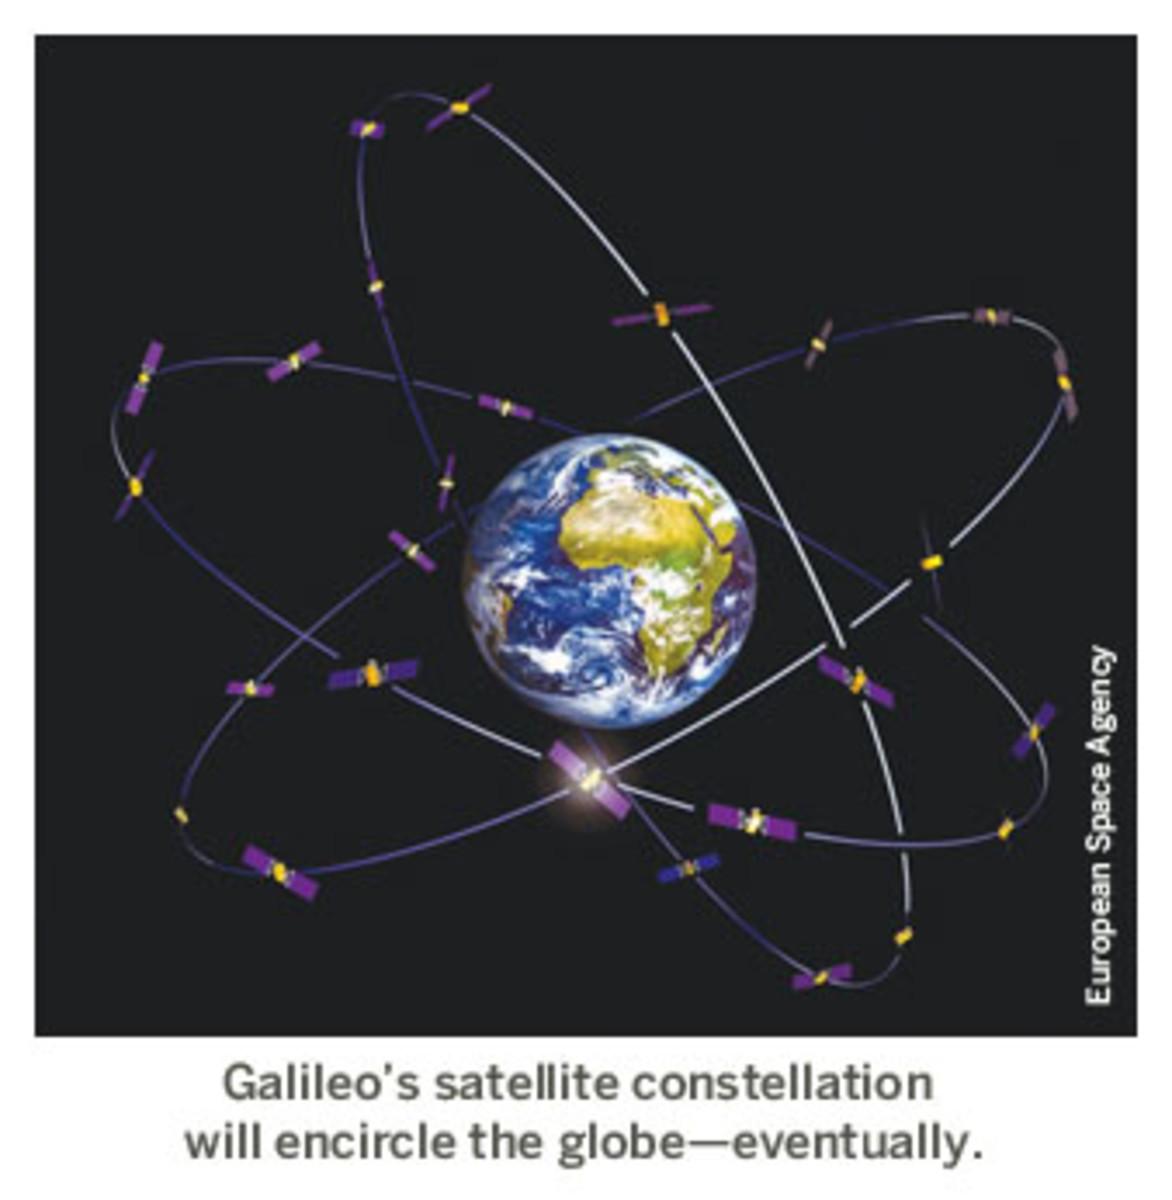 Galileo constellation